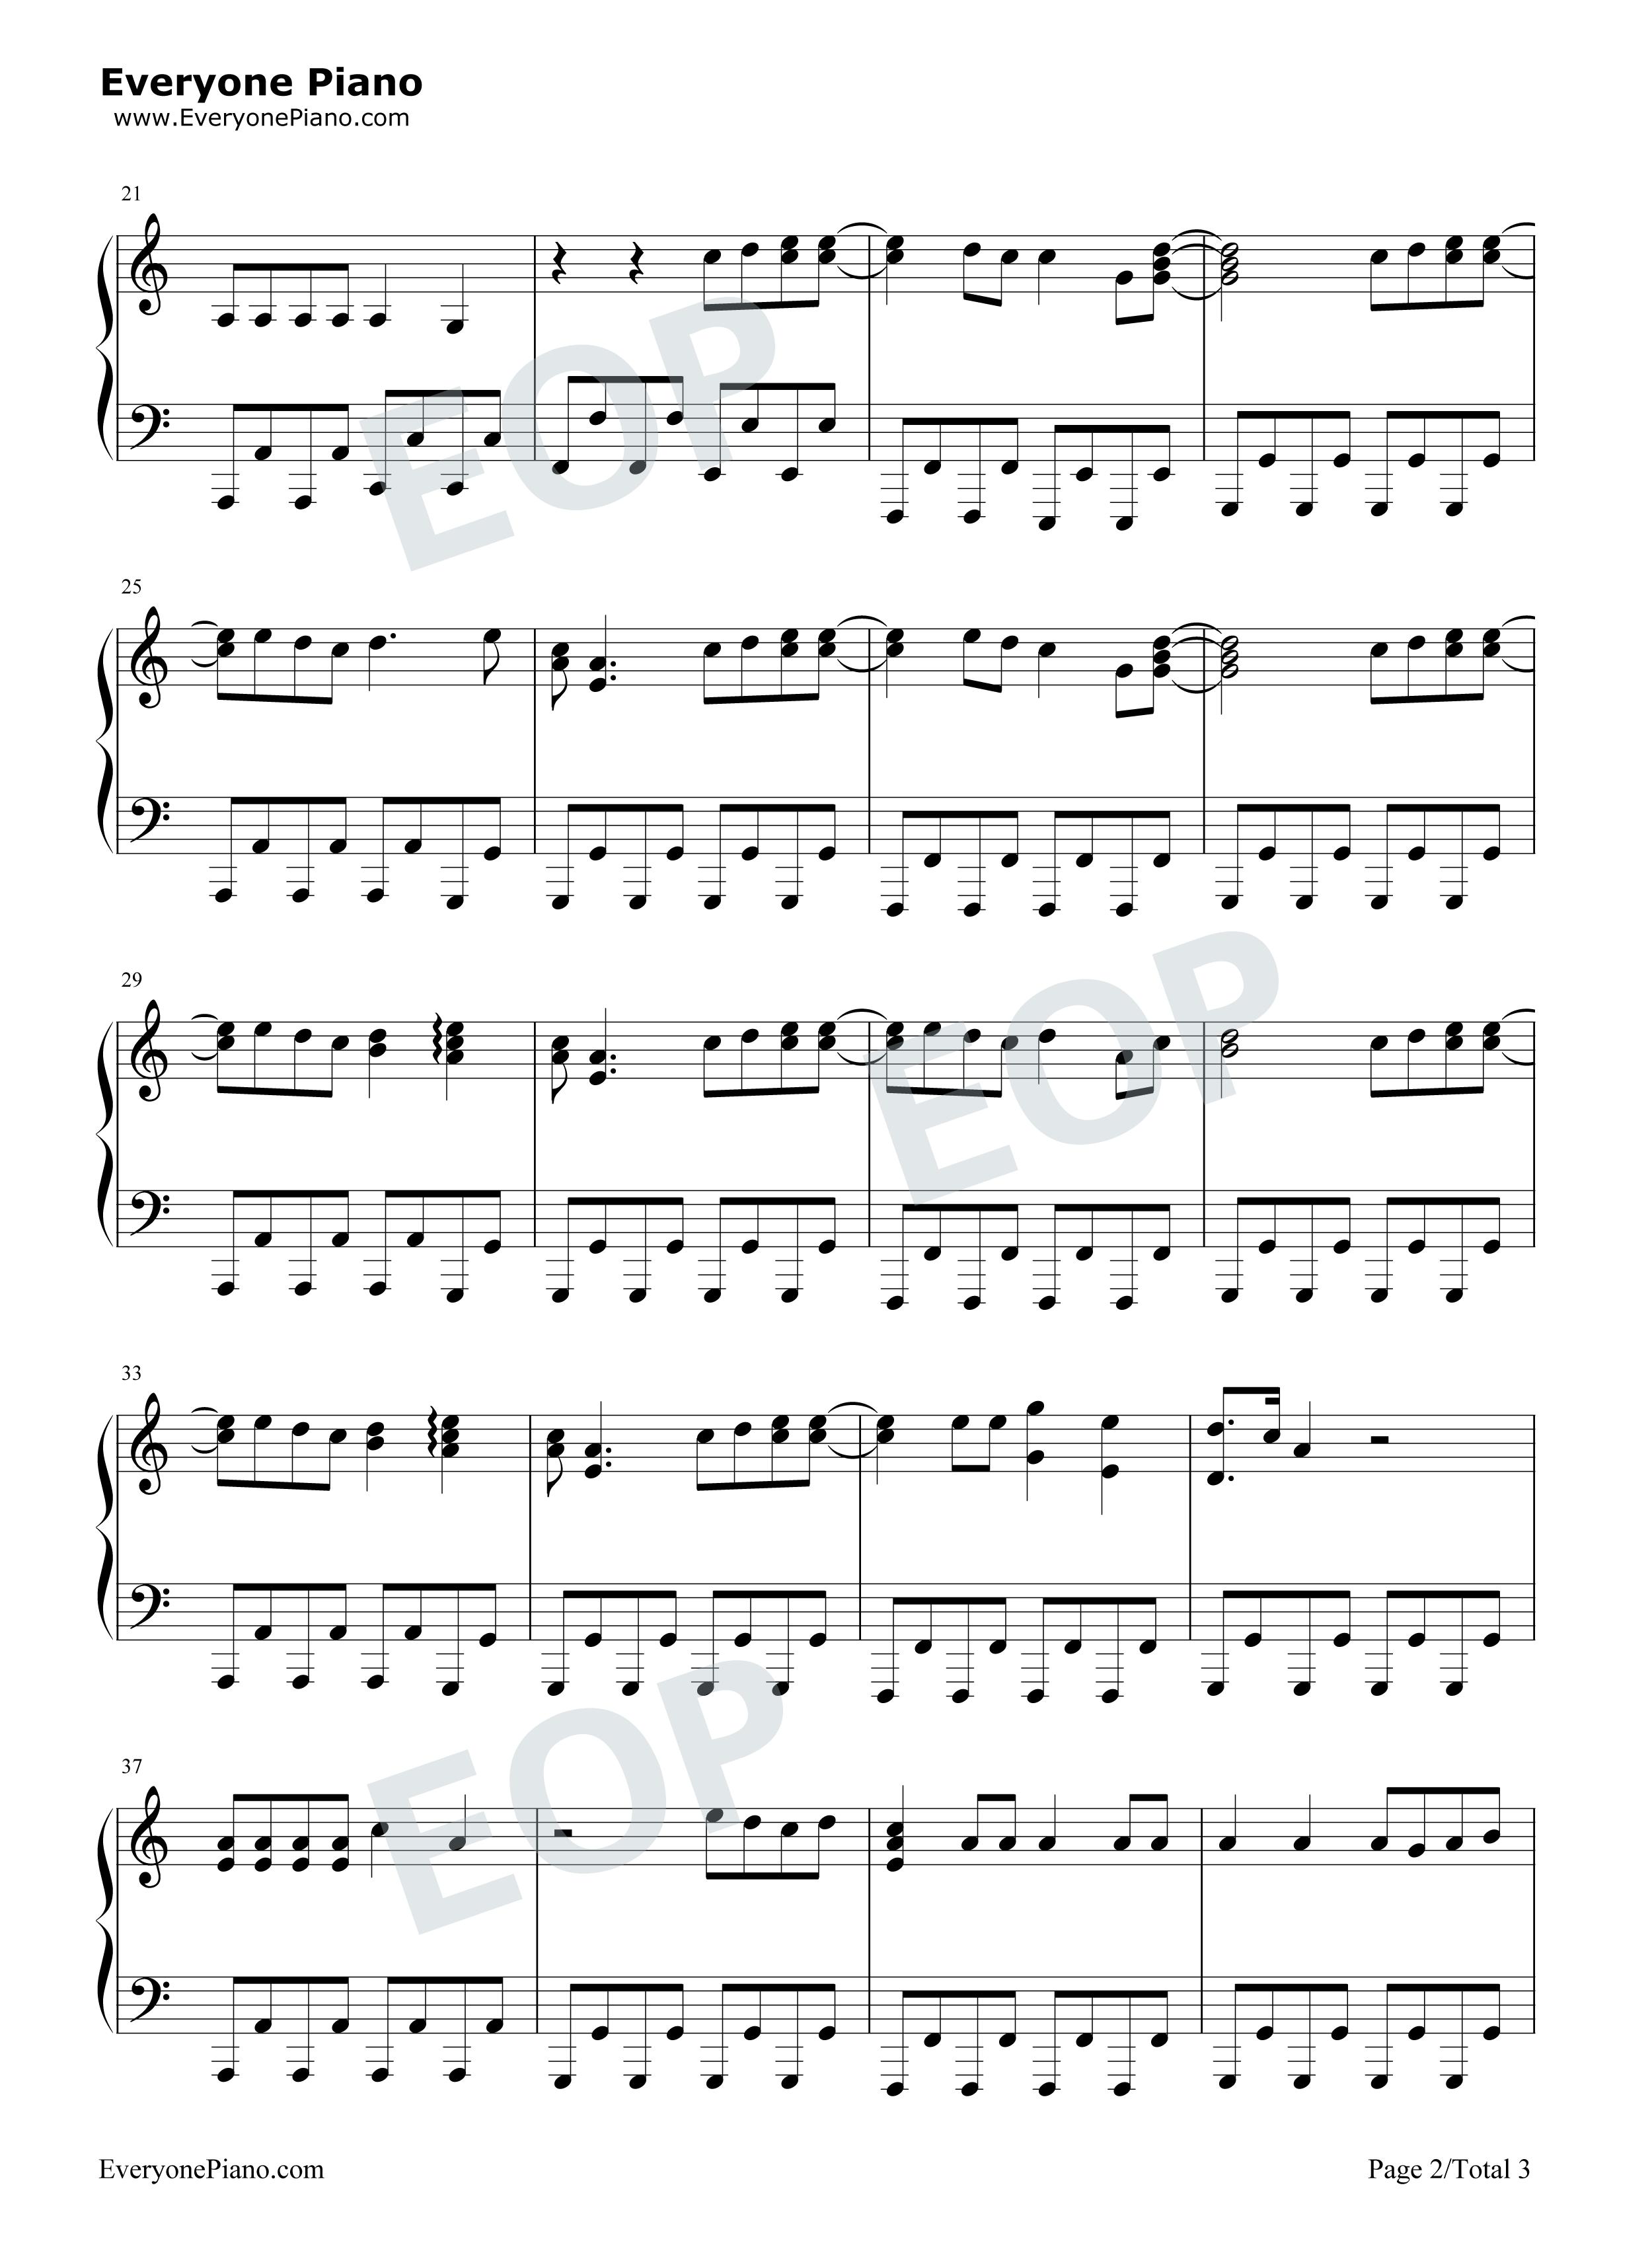 钢琴曲谱 流行 98k之歌-handclap-极简好听-抖音爆火 98k之歌-hand